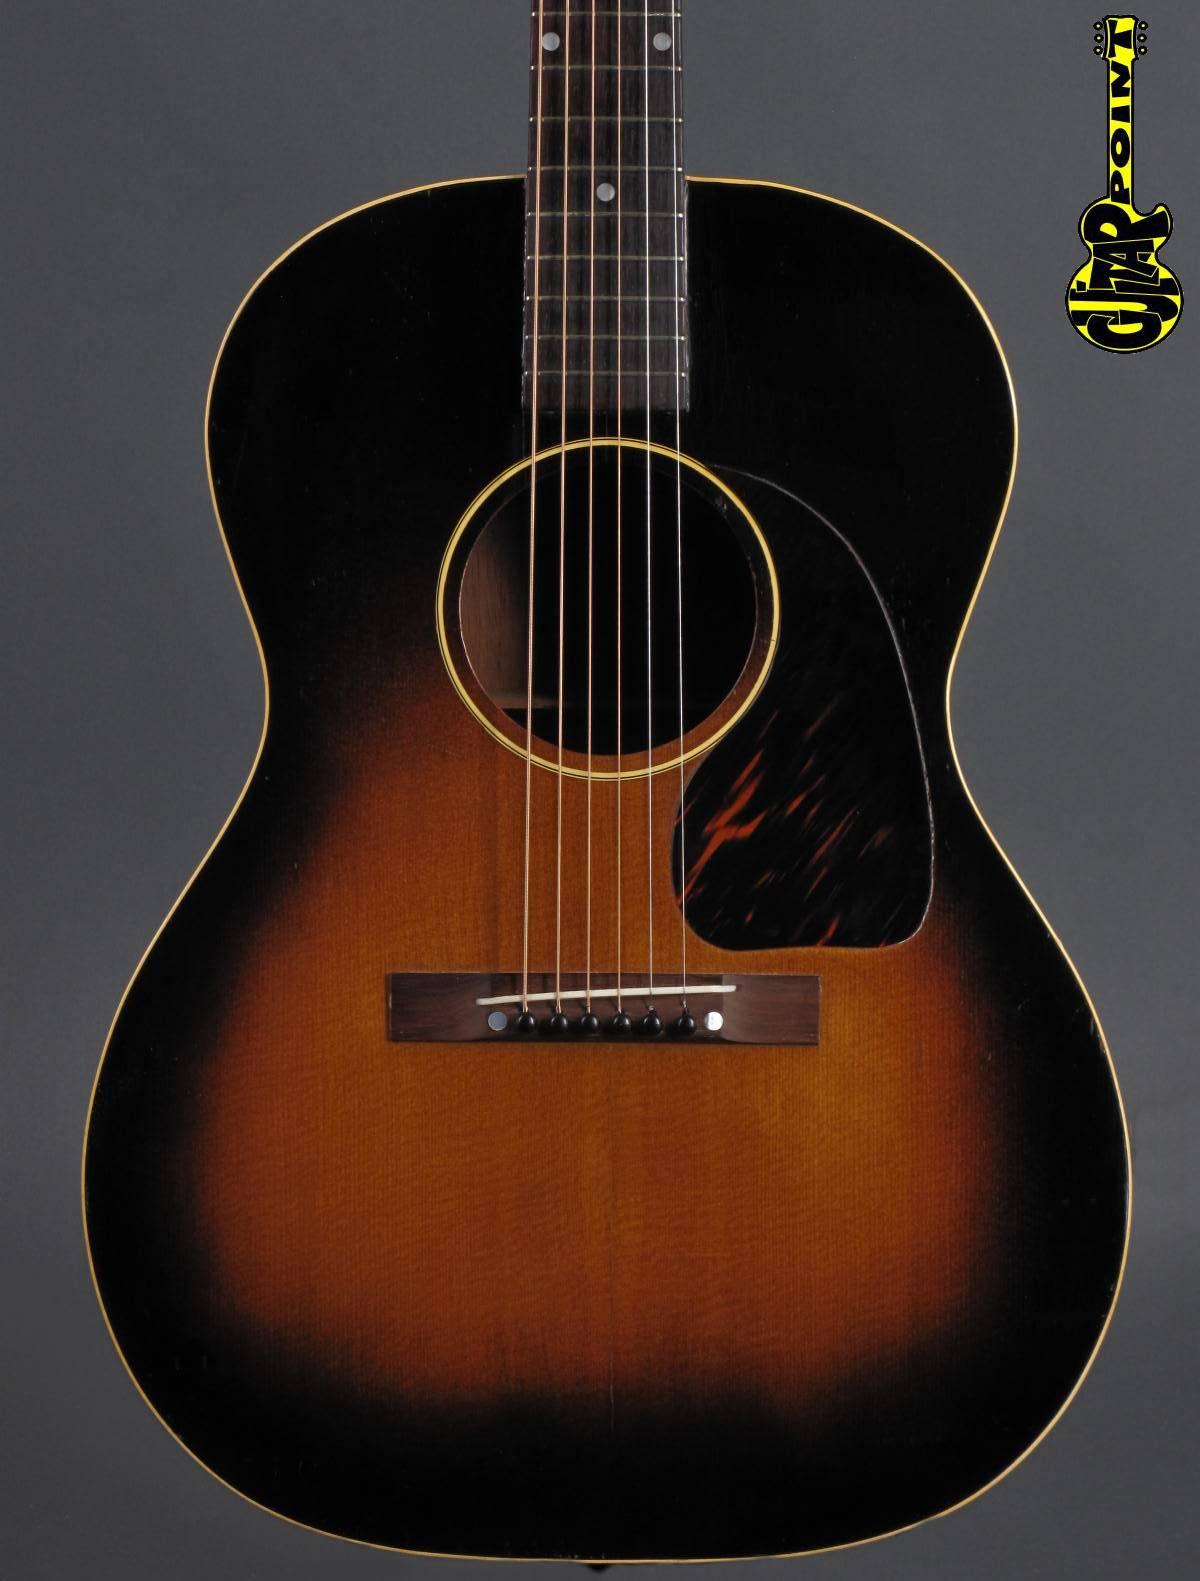 1950 gibson lg 1 acoustic guitar sunburst vi50gilg1sb57304. Black Bedroom Furniture Sets. Home Design Ideas